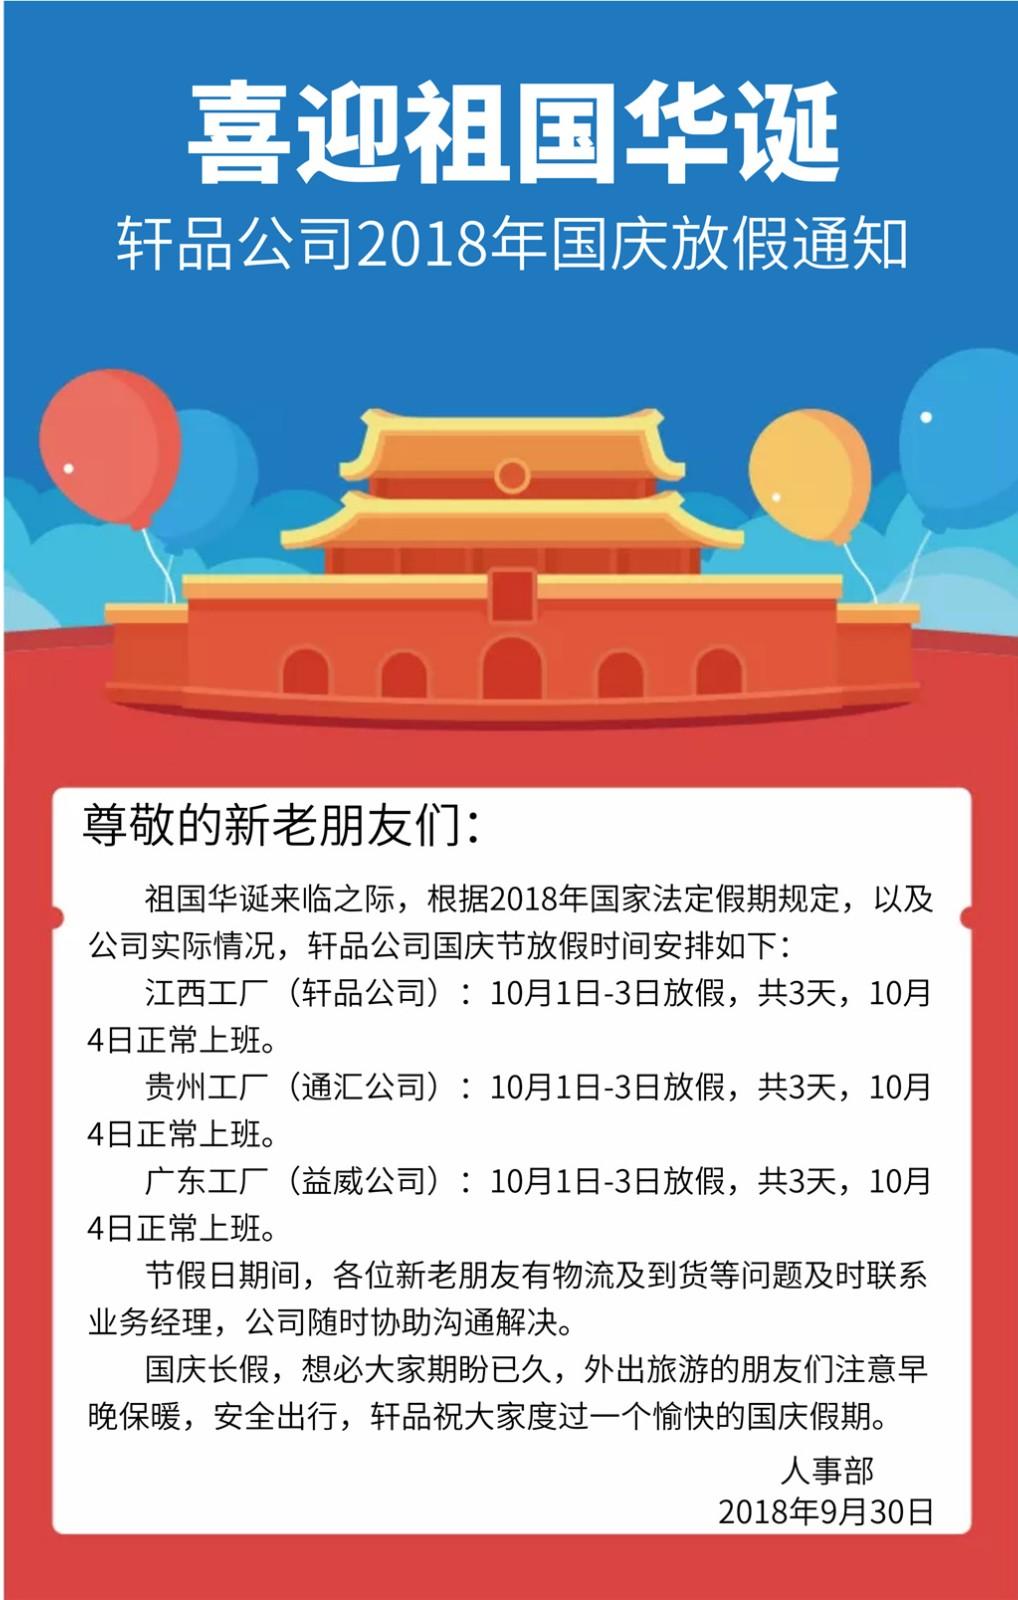 轩品公司2018年国庆放假通知